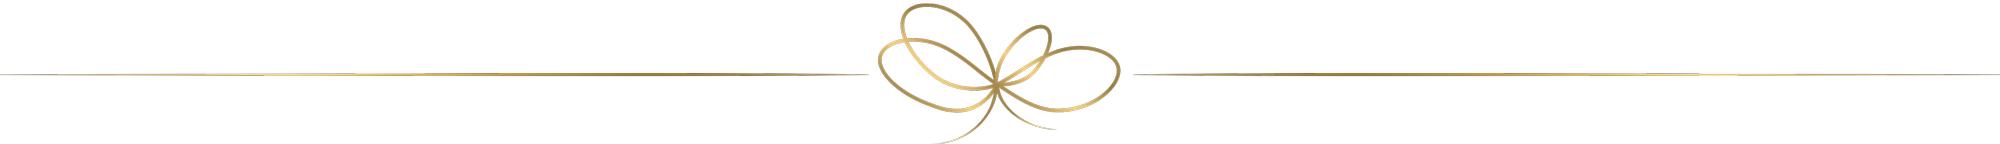 gold-transparent-divider-3